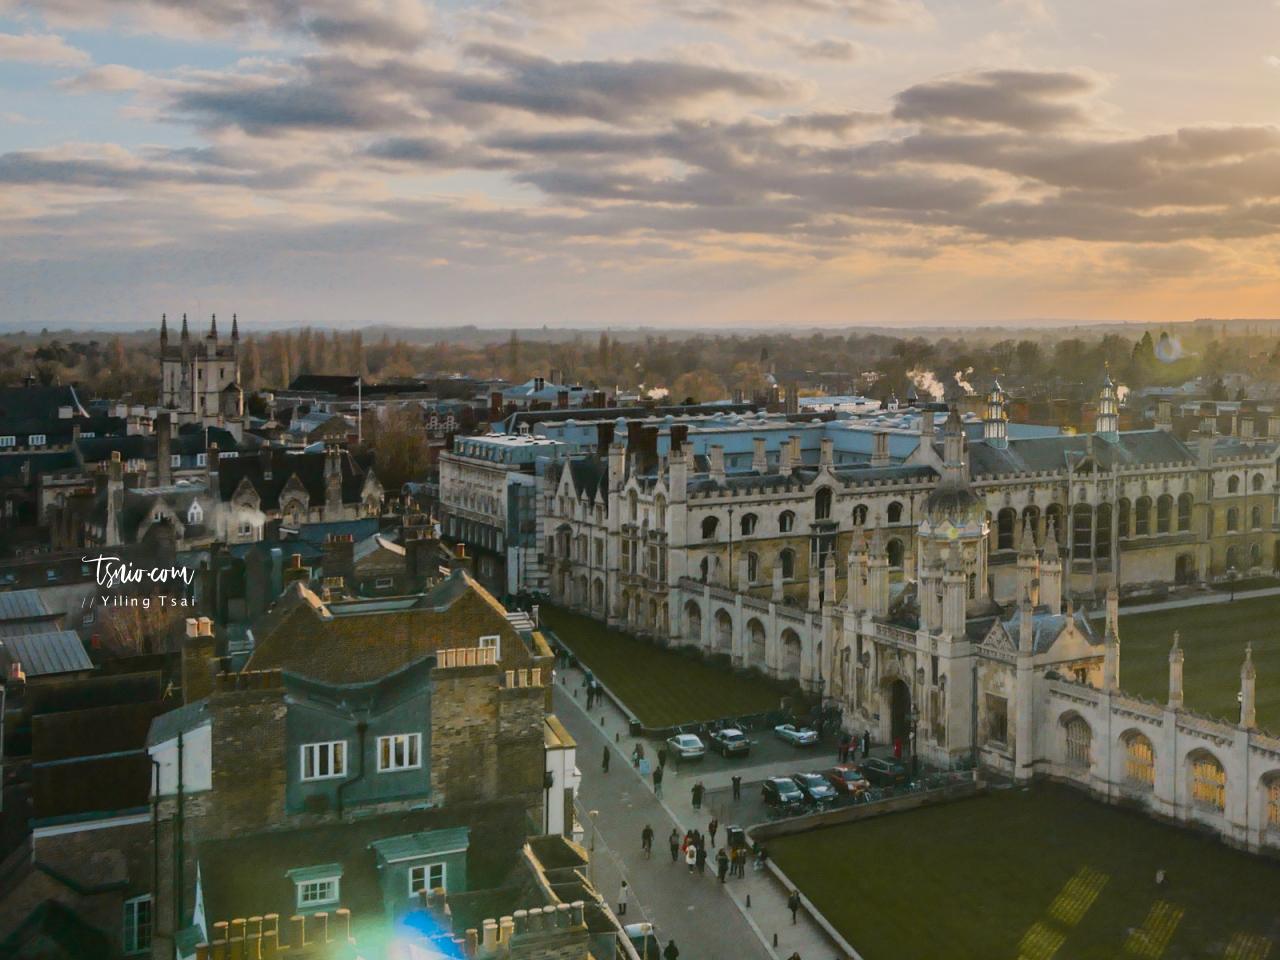 英國劍橋景點 Great St Mary's Church  聖瑪麗大教堂 眺望劍橋市景最棒視野